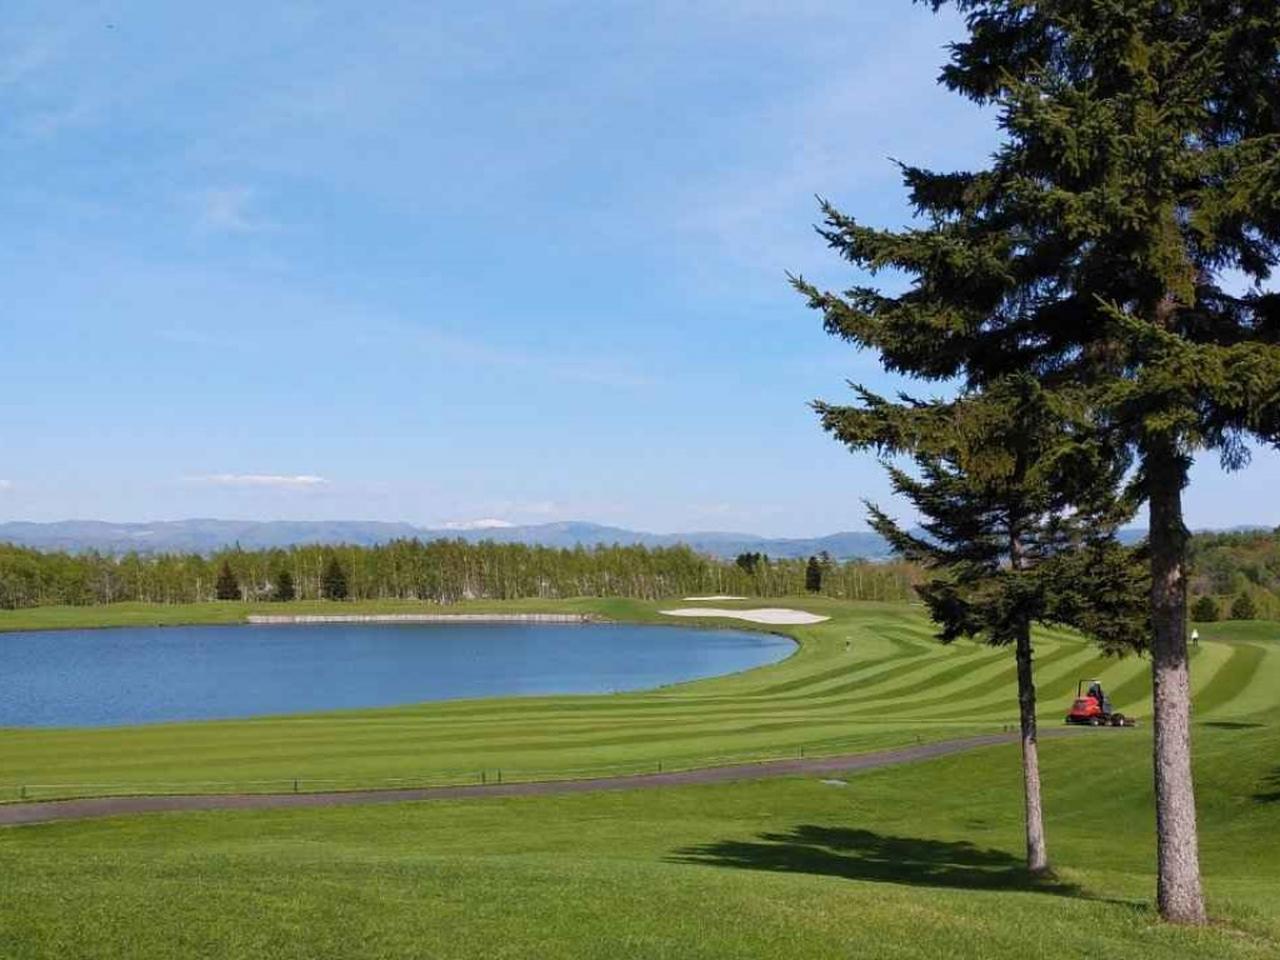 画像: 大きな池を囲むように造られた、水コース3番パー4(写真手前)と4番パー3(写真奥)